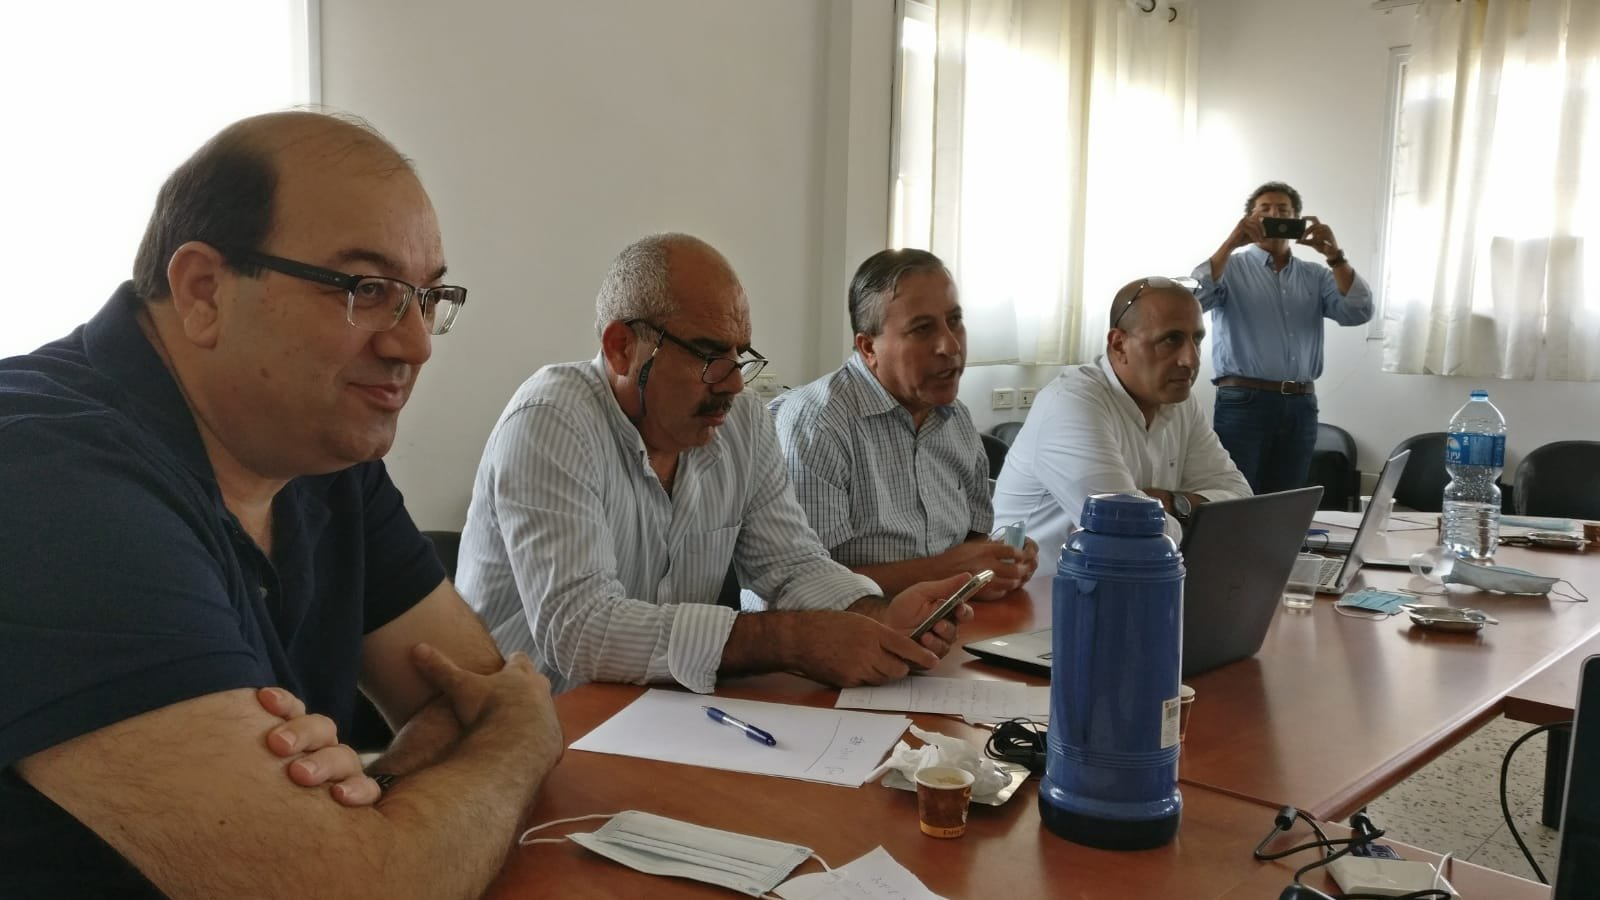 خطة خمسية لتطوير الهايتك والحداثة في المجتمع العربي-9